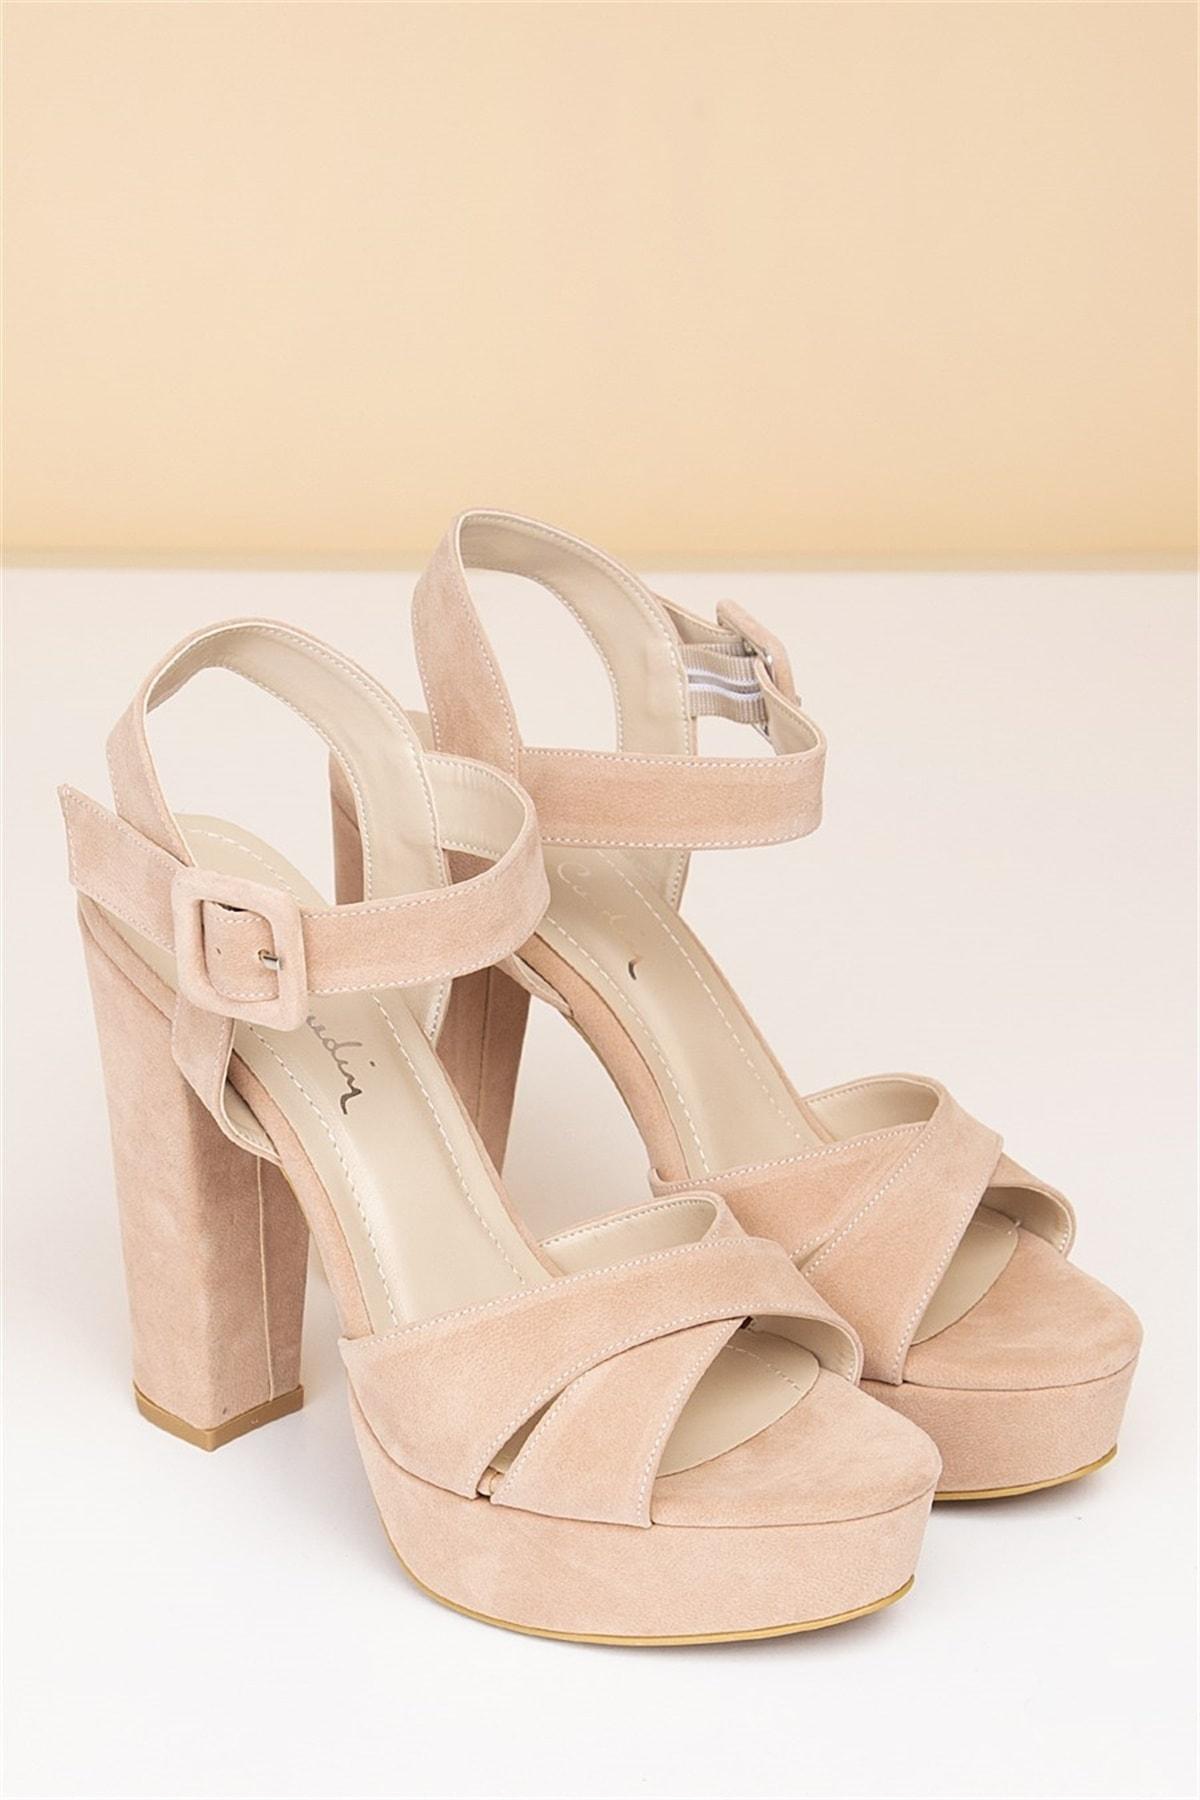 Pierre Cardin Kadın Topuklu Ayakkabı-Süet Pudra